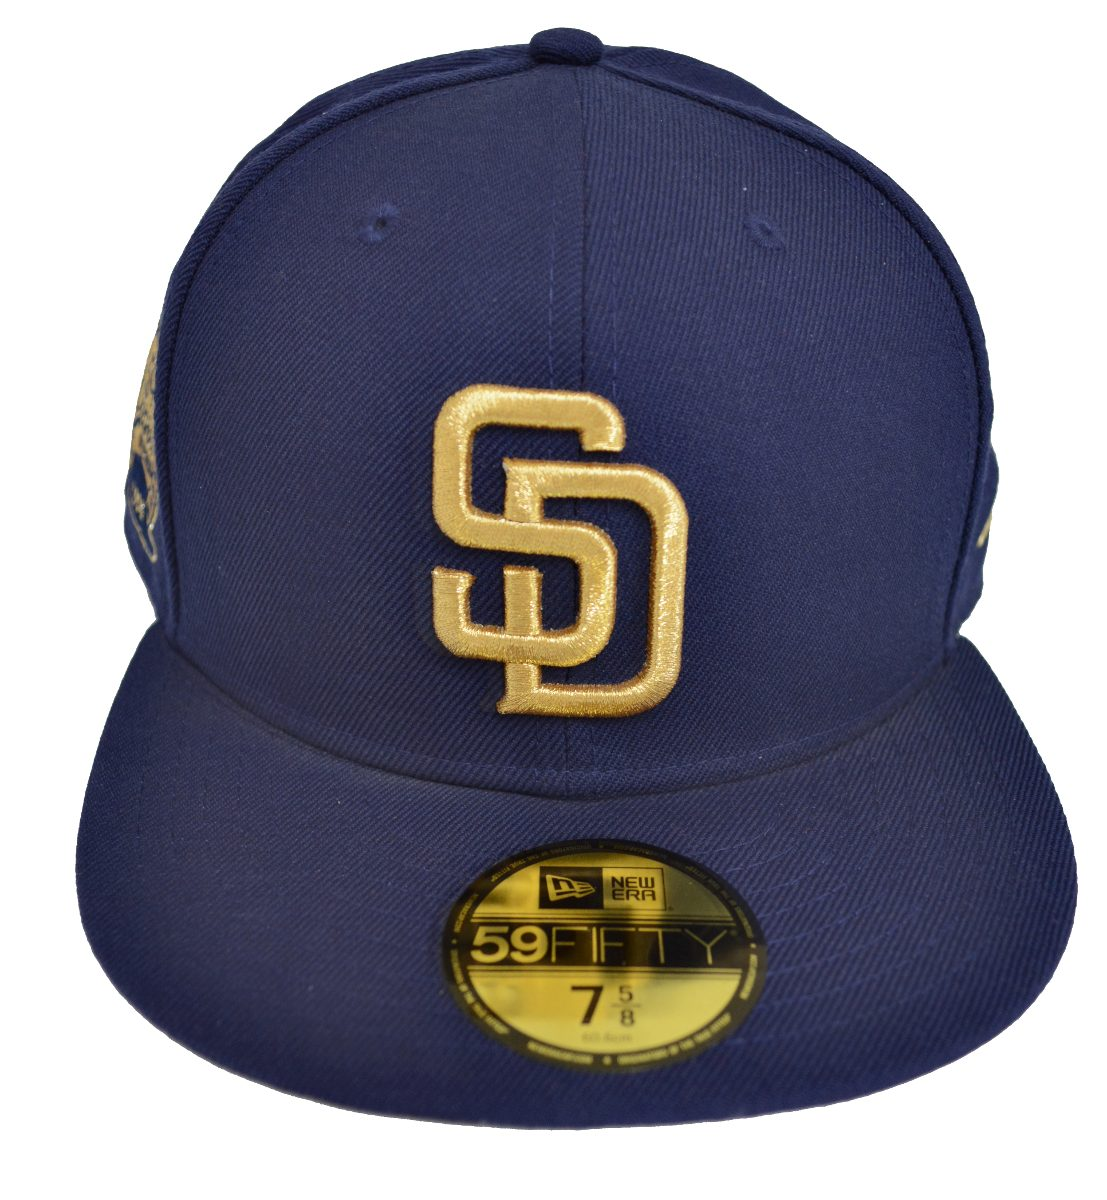 3d43ab88661de gorras originales new era beisbol san diego padres 59fifty D NQ NP 21454  MLM7497427643 122014 F. donde venden ...